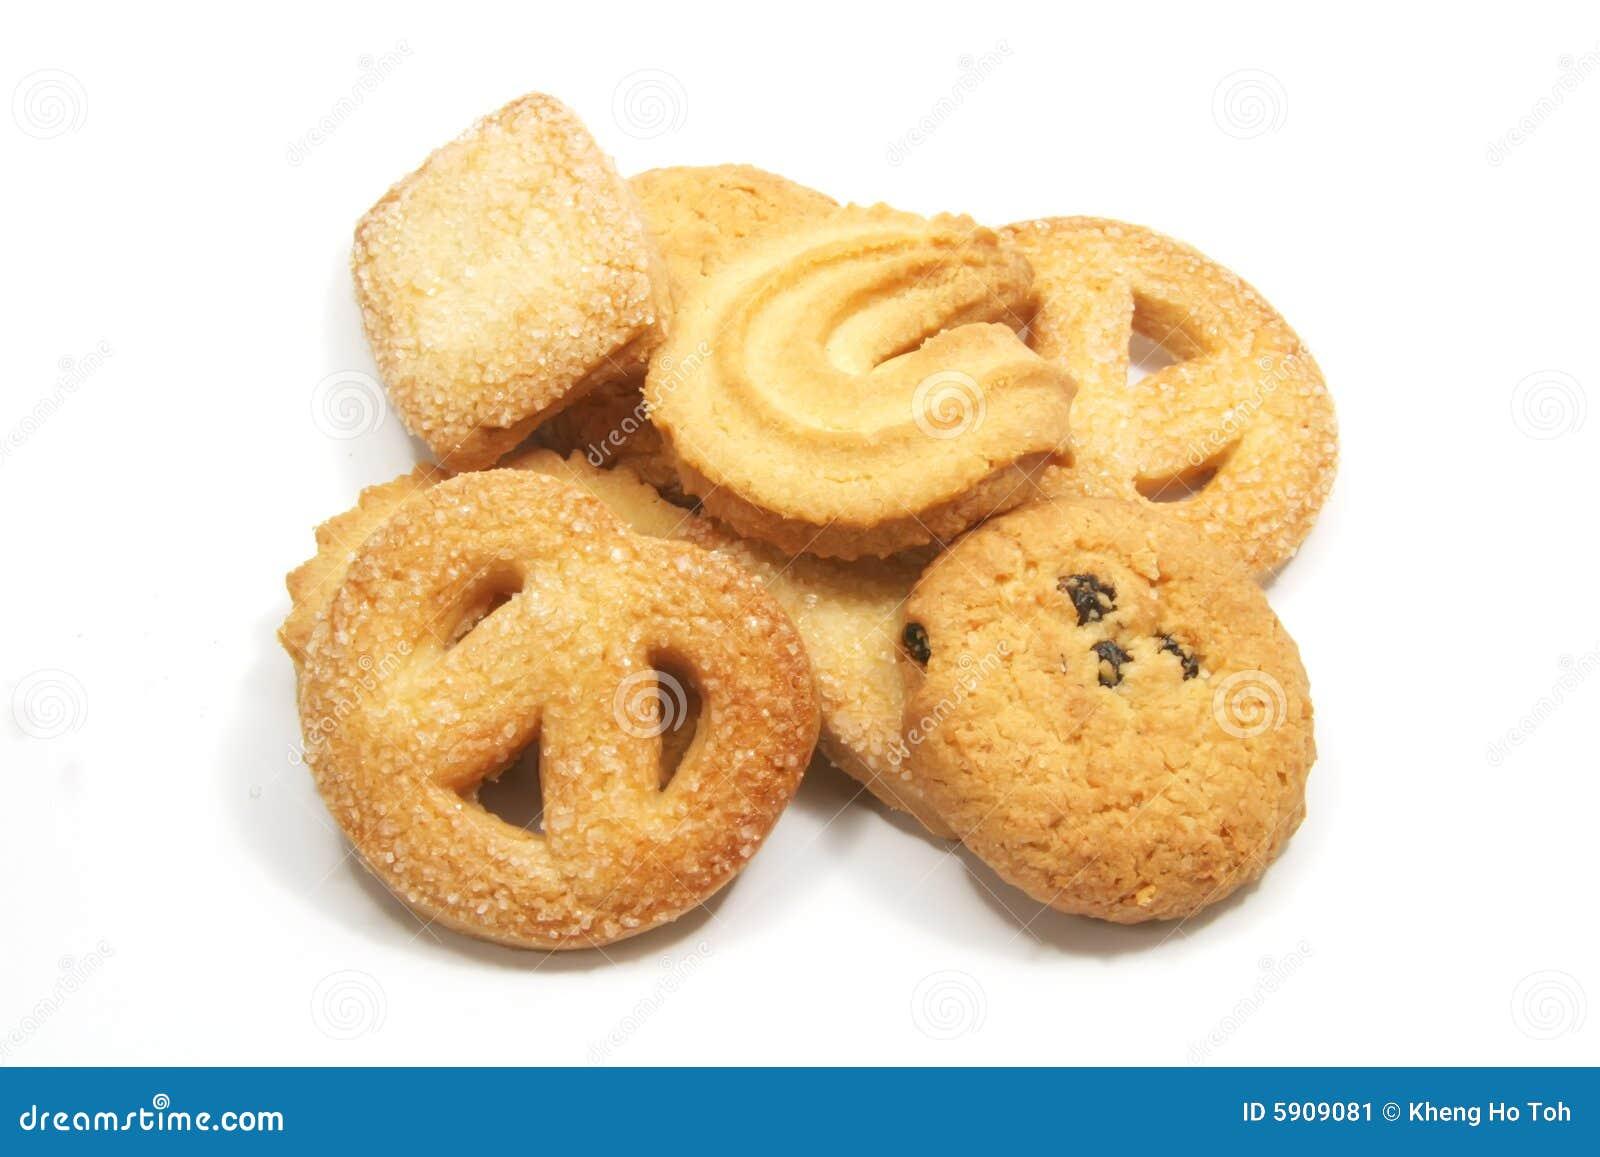 Печенье датское сливочное рецепт